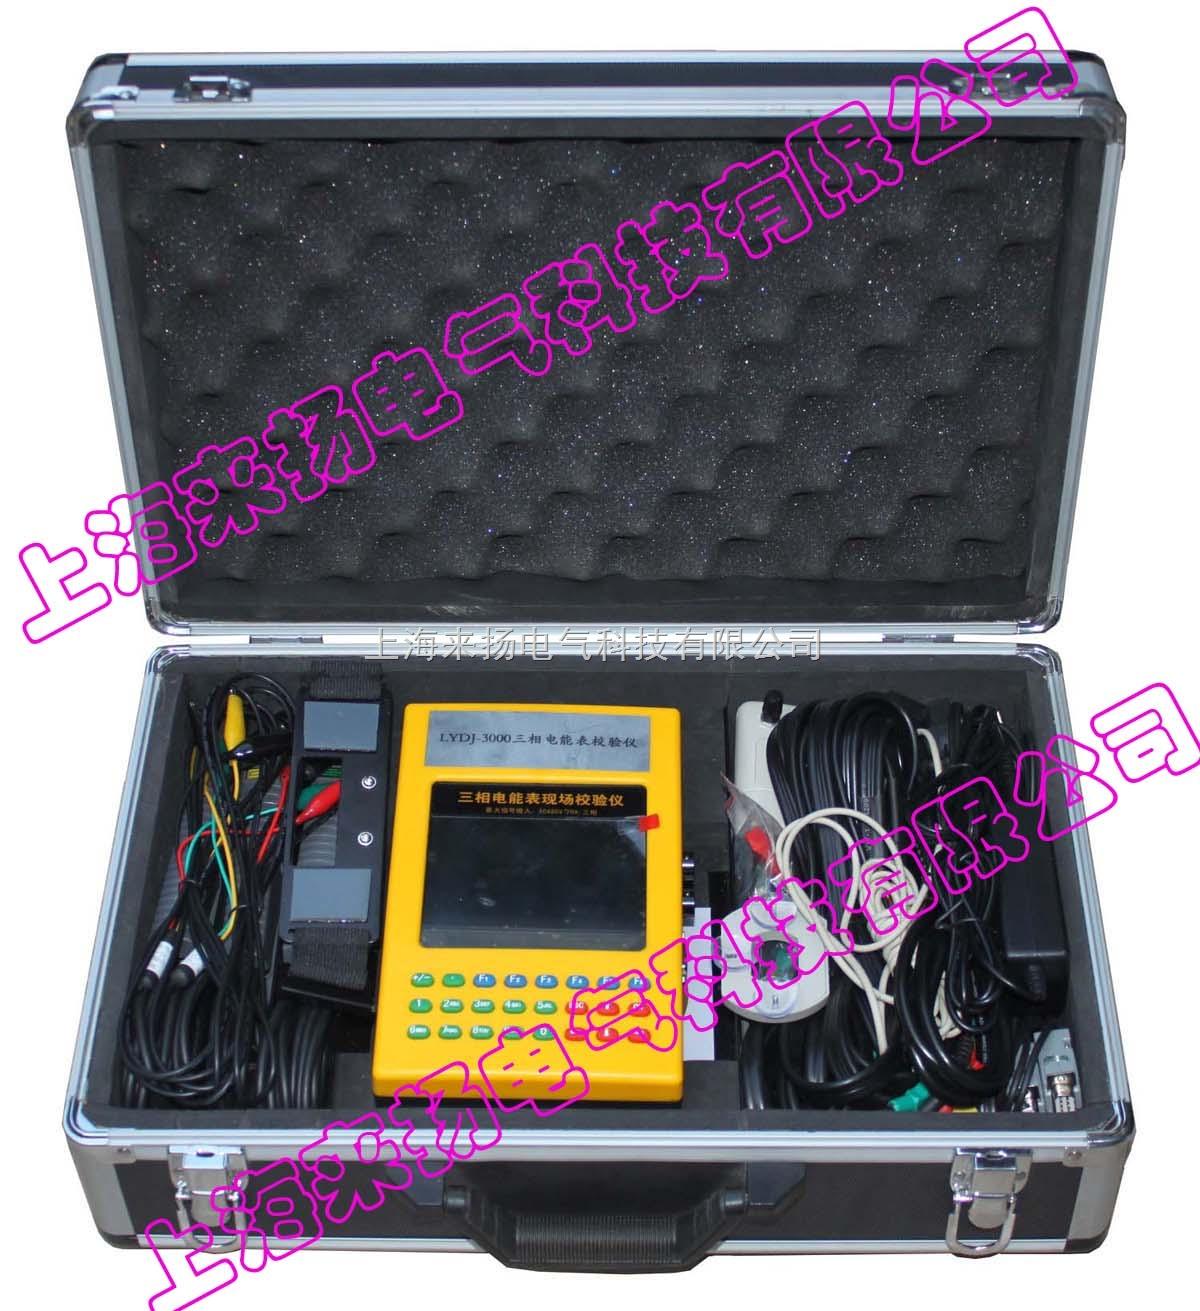 三相用电分析仪